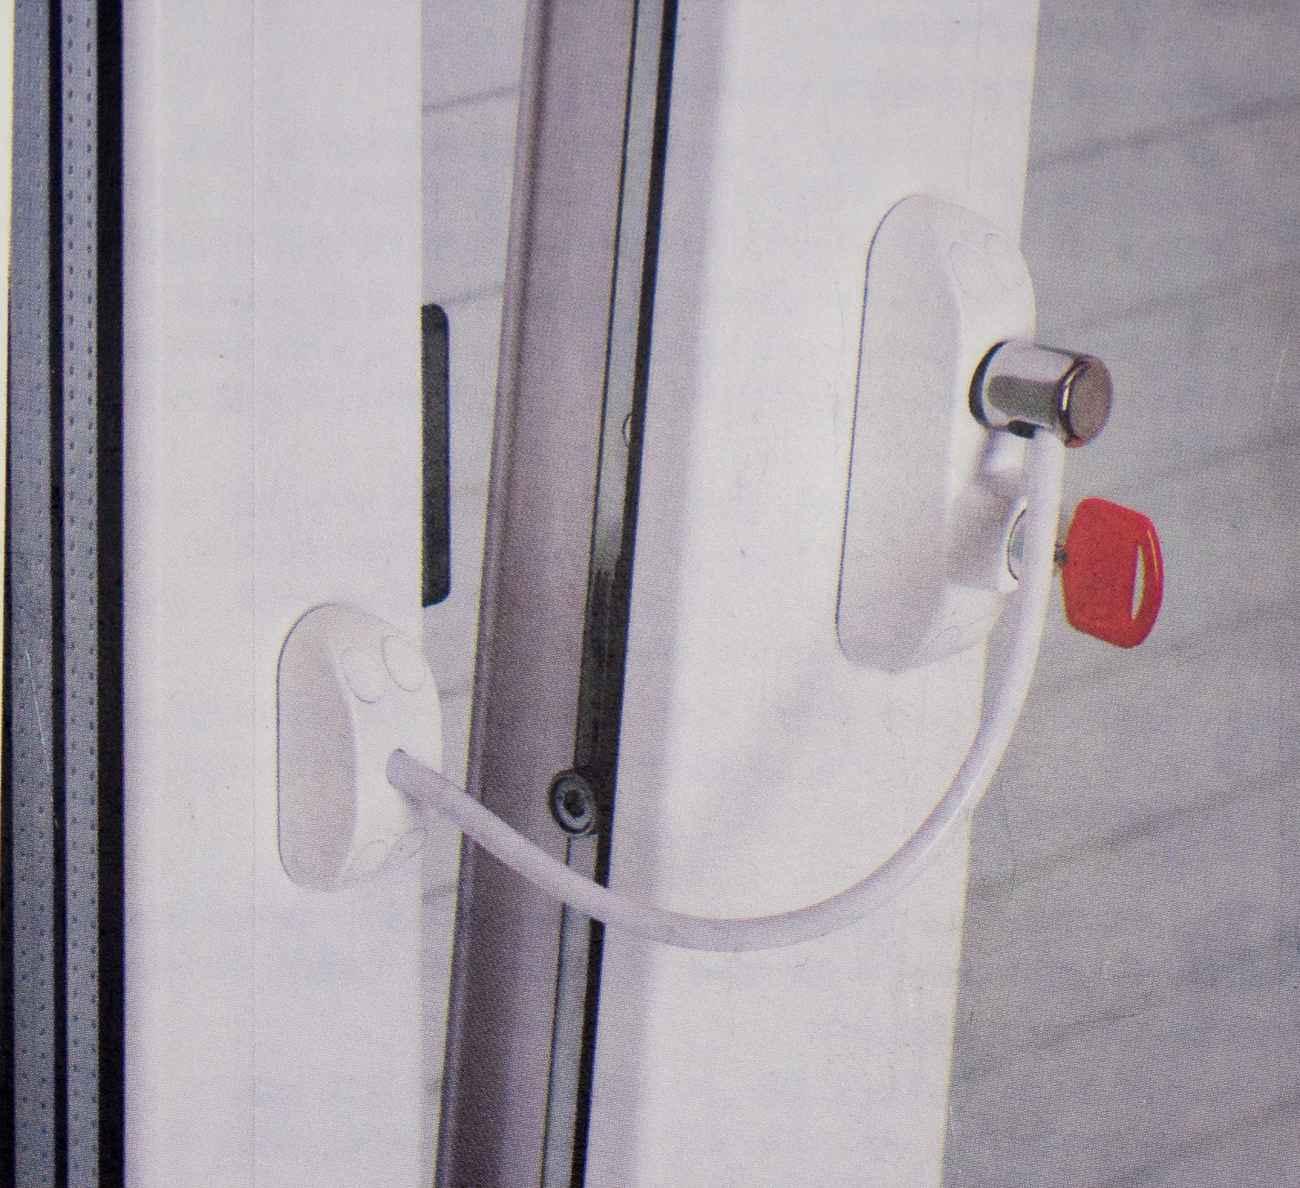 Fenstersicherung Türsicherung BSL Cable Prime weiß – Bild 2